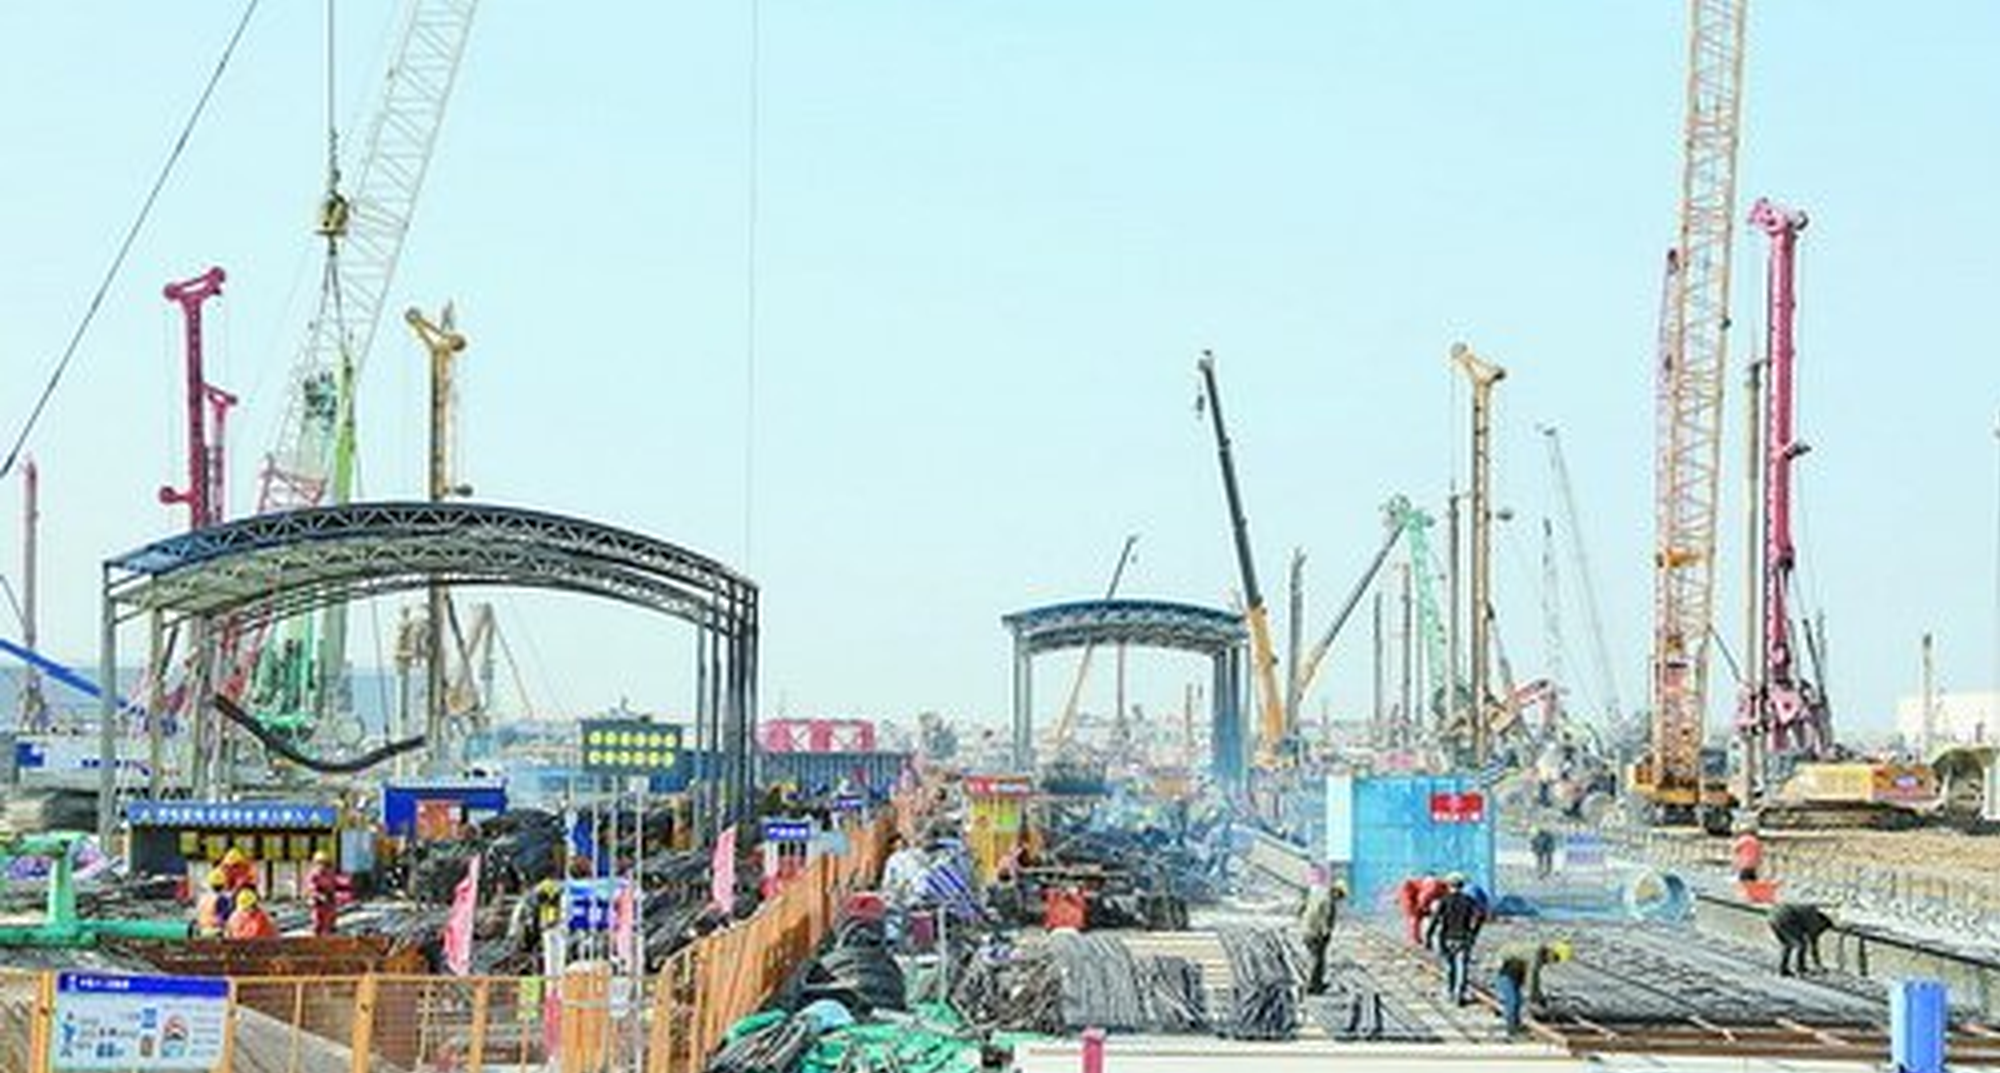 争当先锋打头阵 翔安党员干部全力服务新机场建设